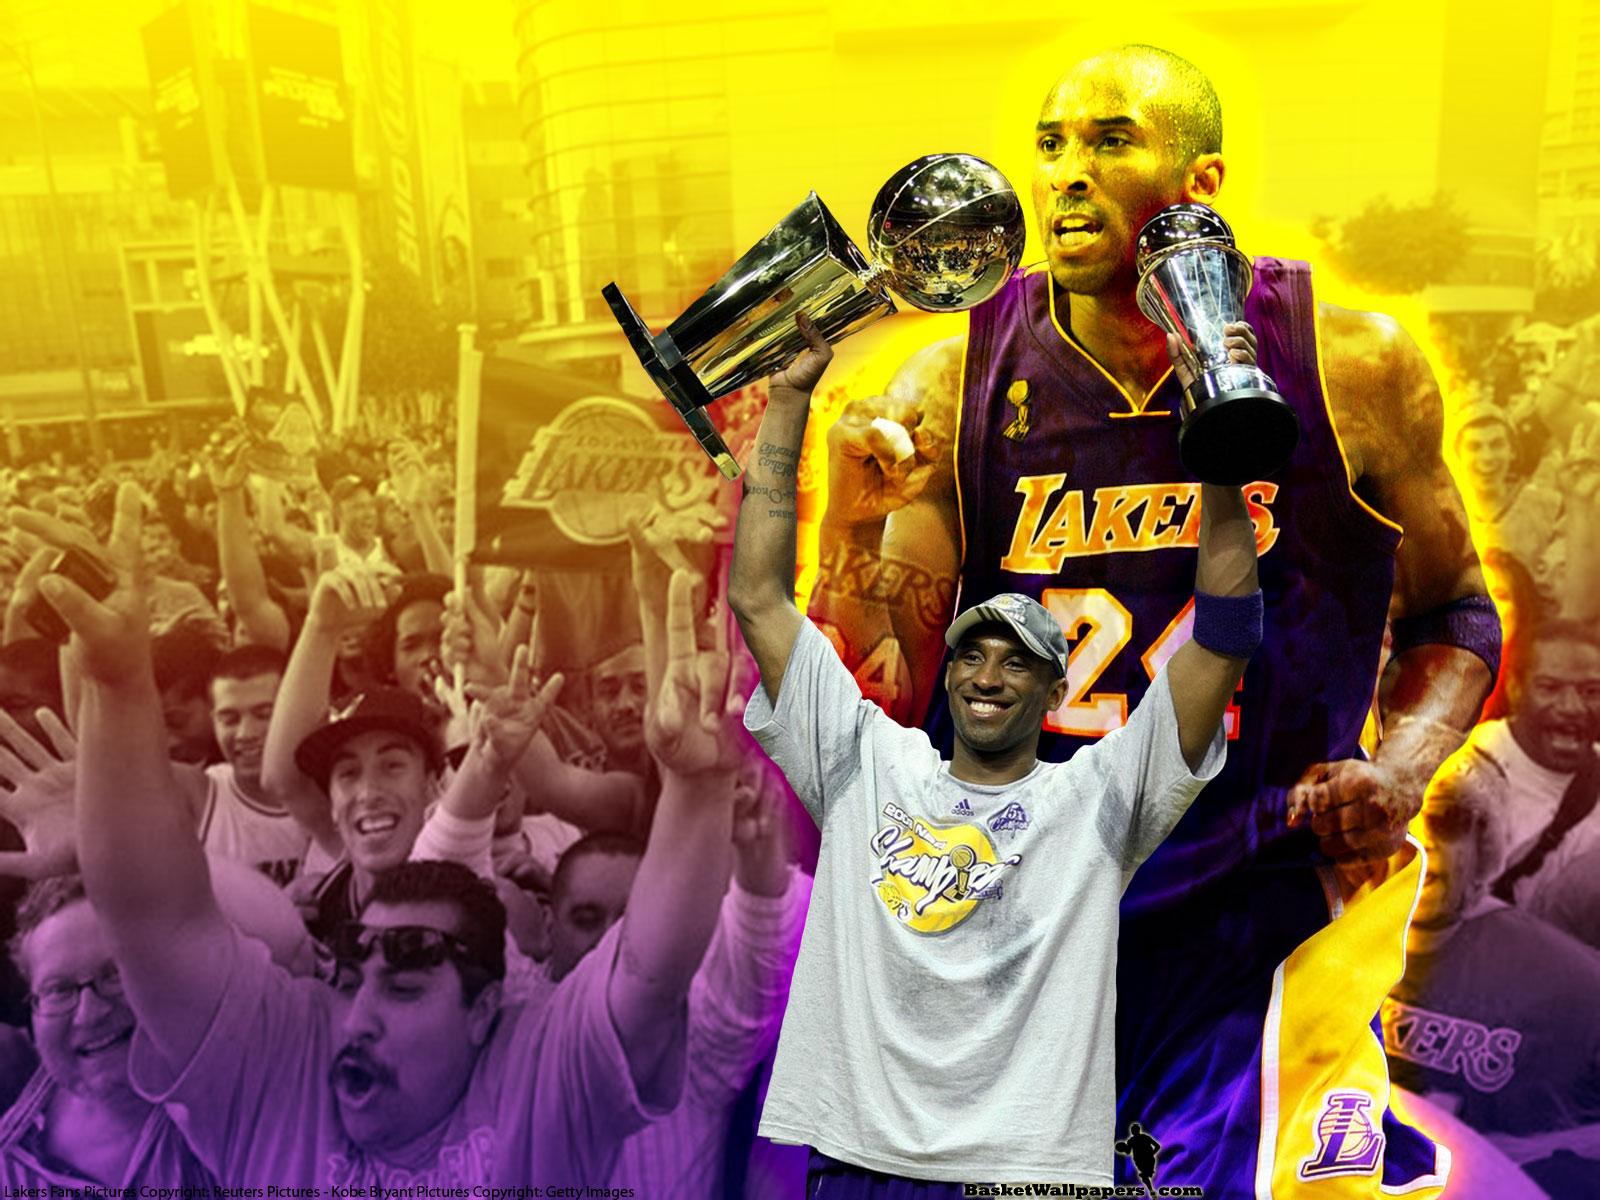 http://3.bp.blogspot.com/_P4F8lXk925Q/TQHlyTnv5zI/AAAAAAAAABM/B5-_0tIj_BQ/s1600/Kobe-Bryant-2009-NBA-Finals-MVP-Wallpaper.jpg